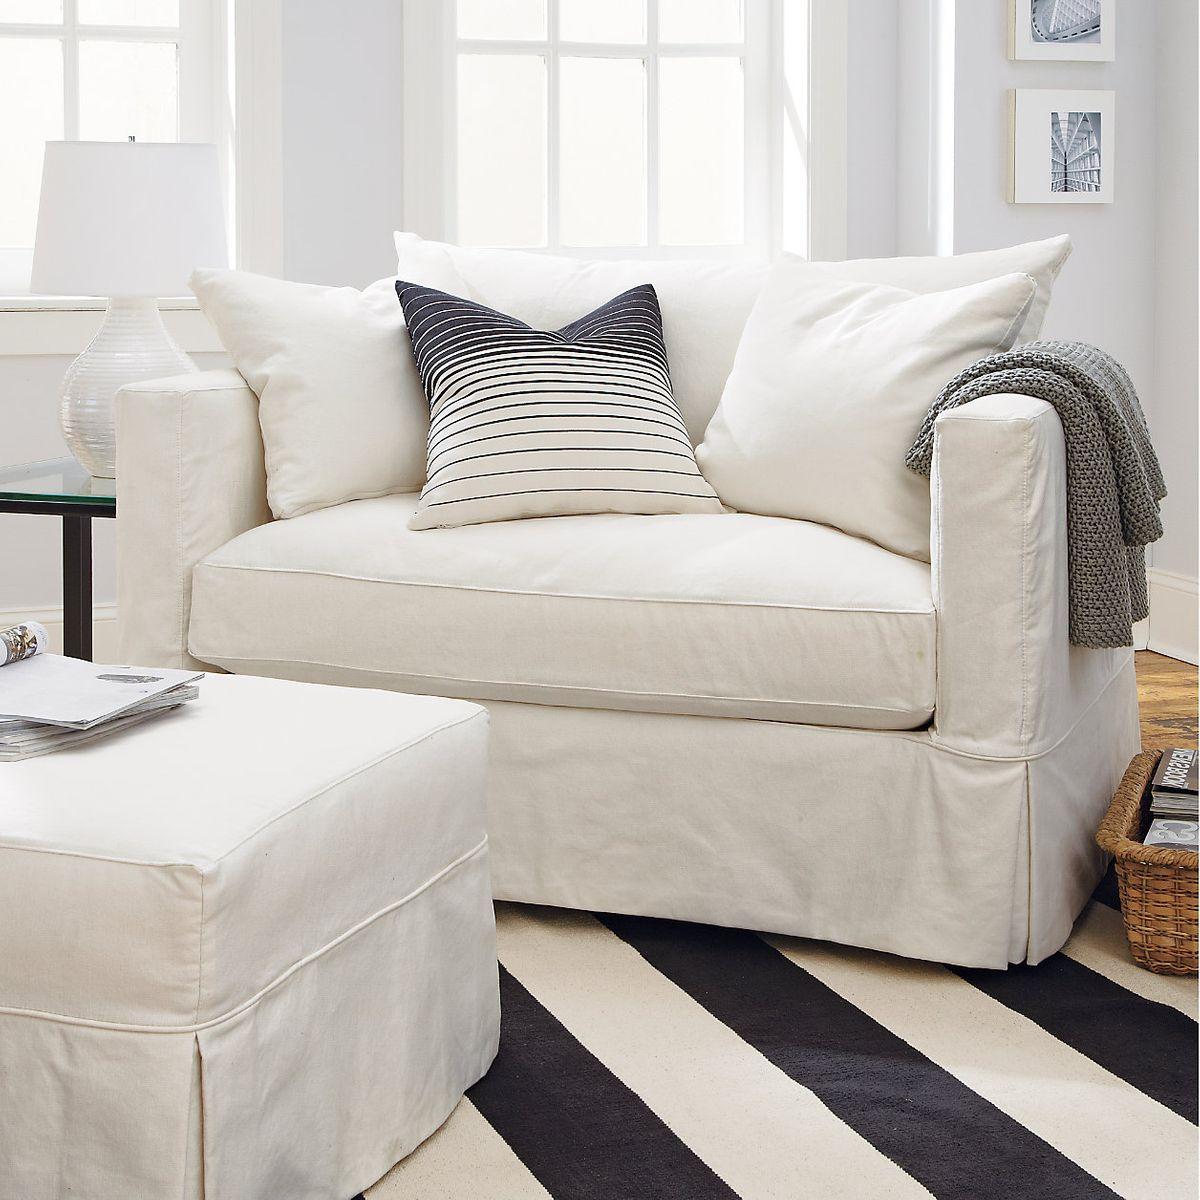 Cream one-seat sofa.